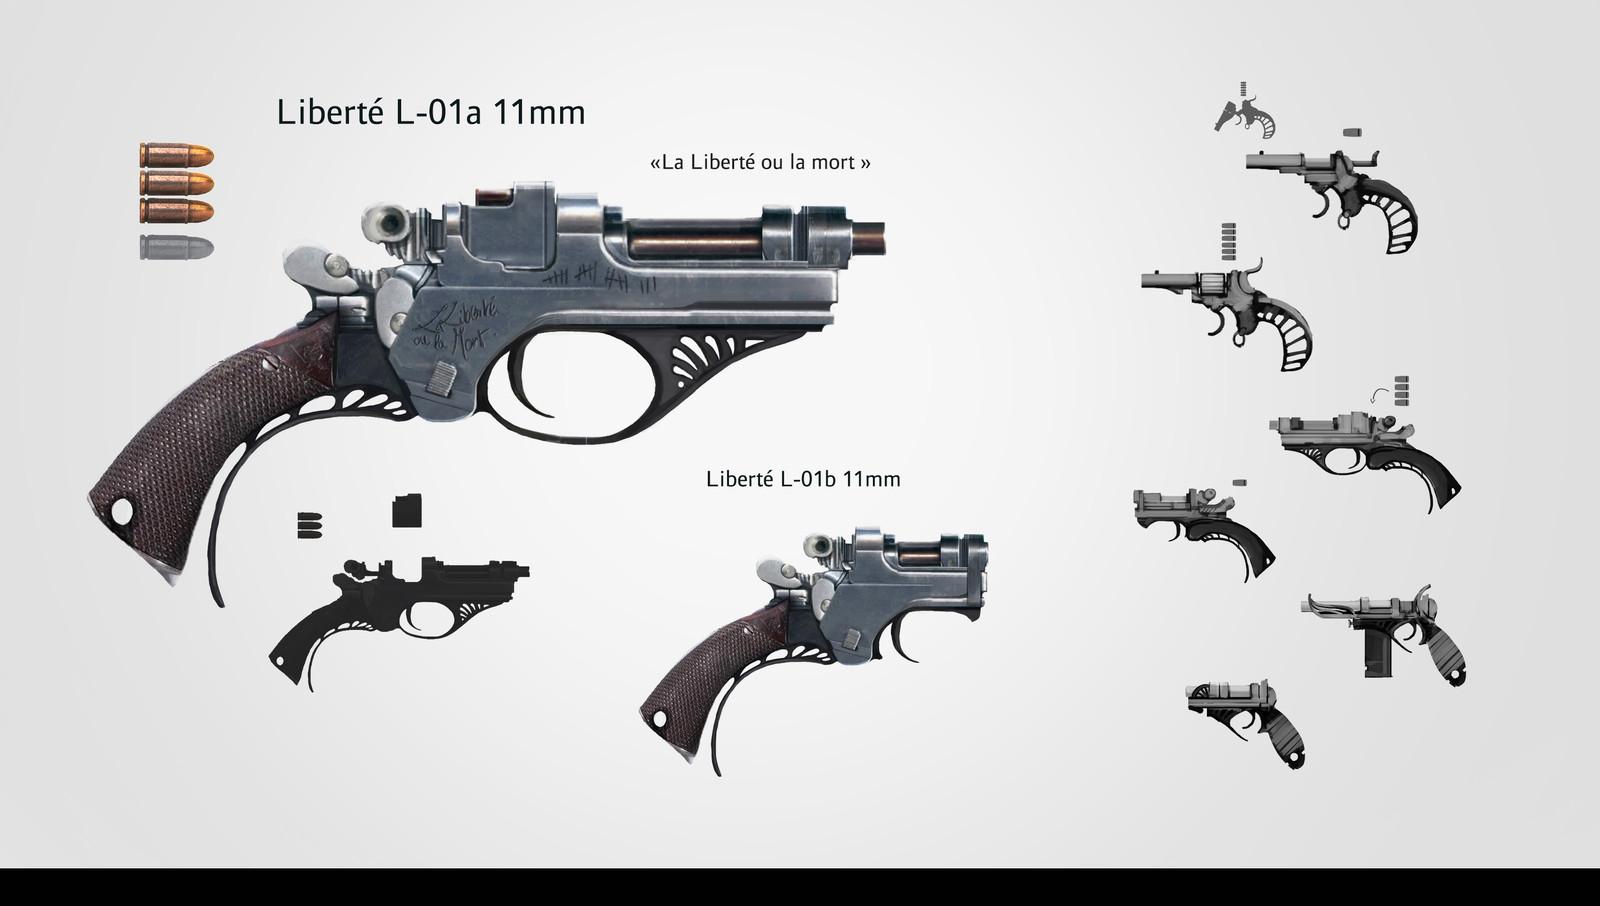 Handgun Liberté L-01a/b 11mm